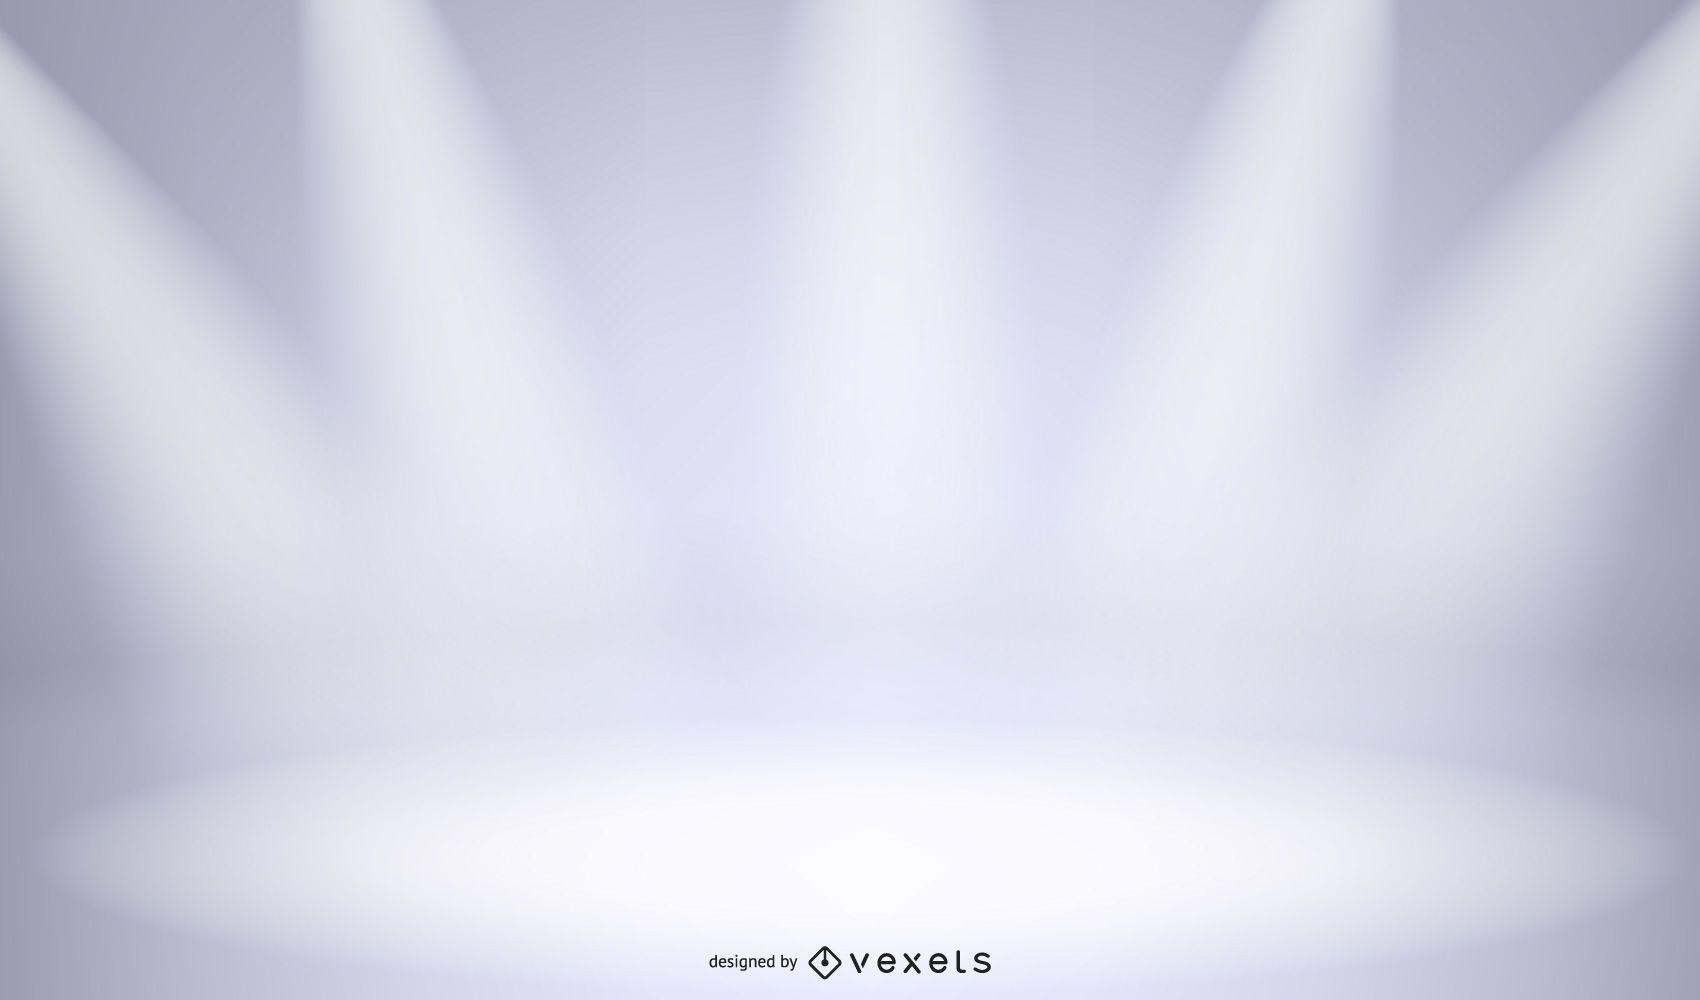 Estágios de estúdio com luzes